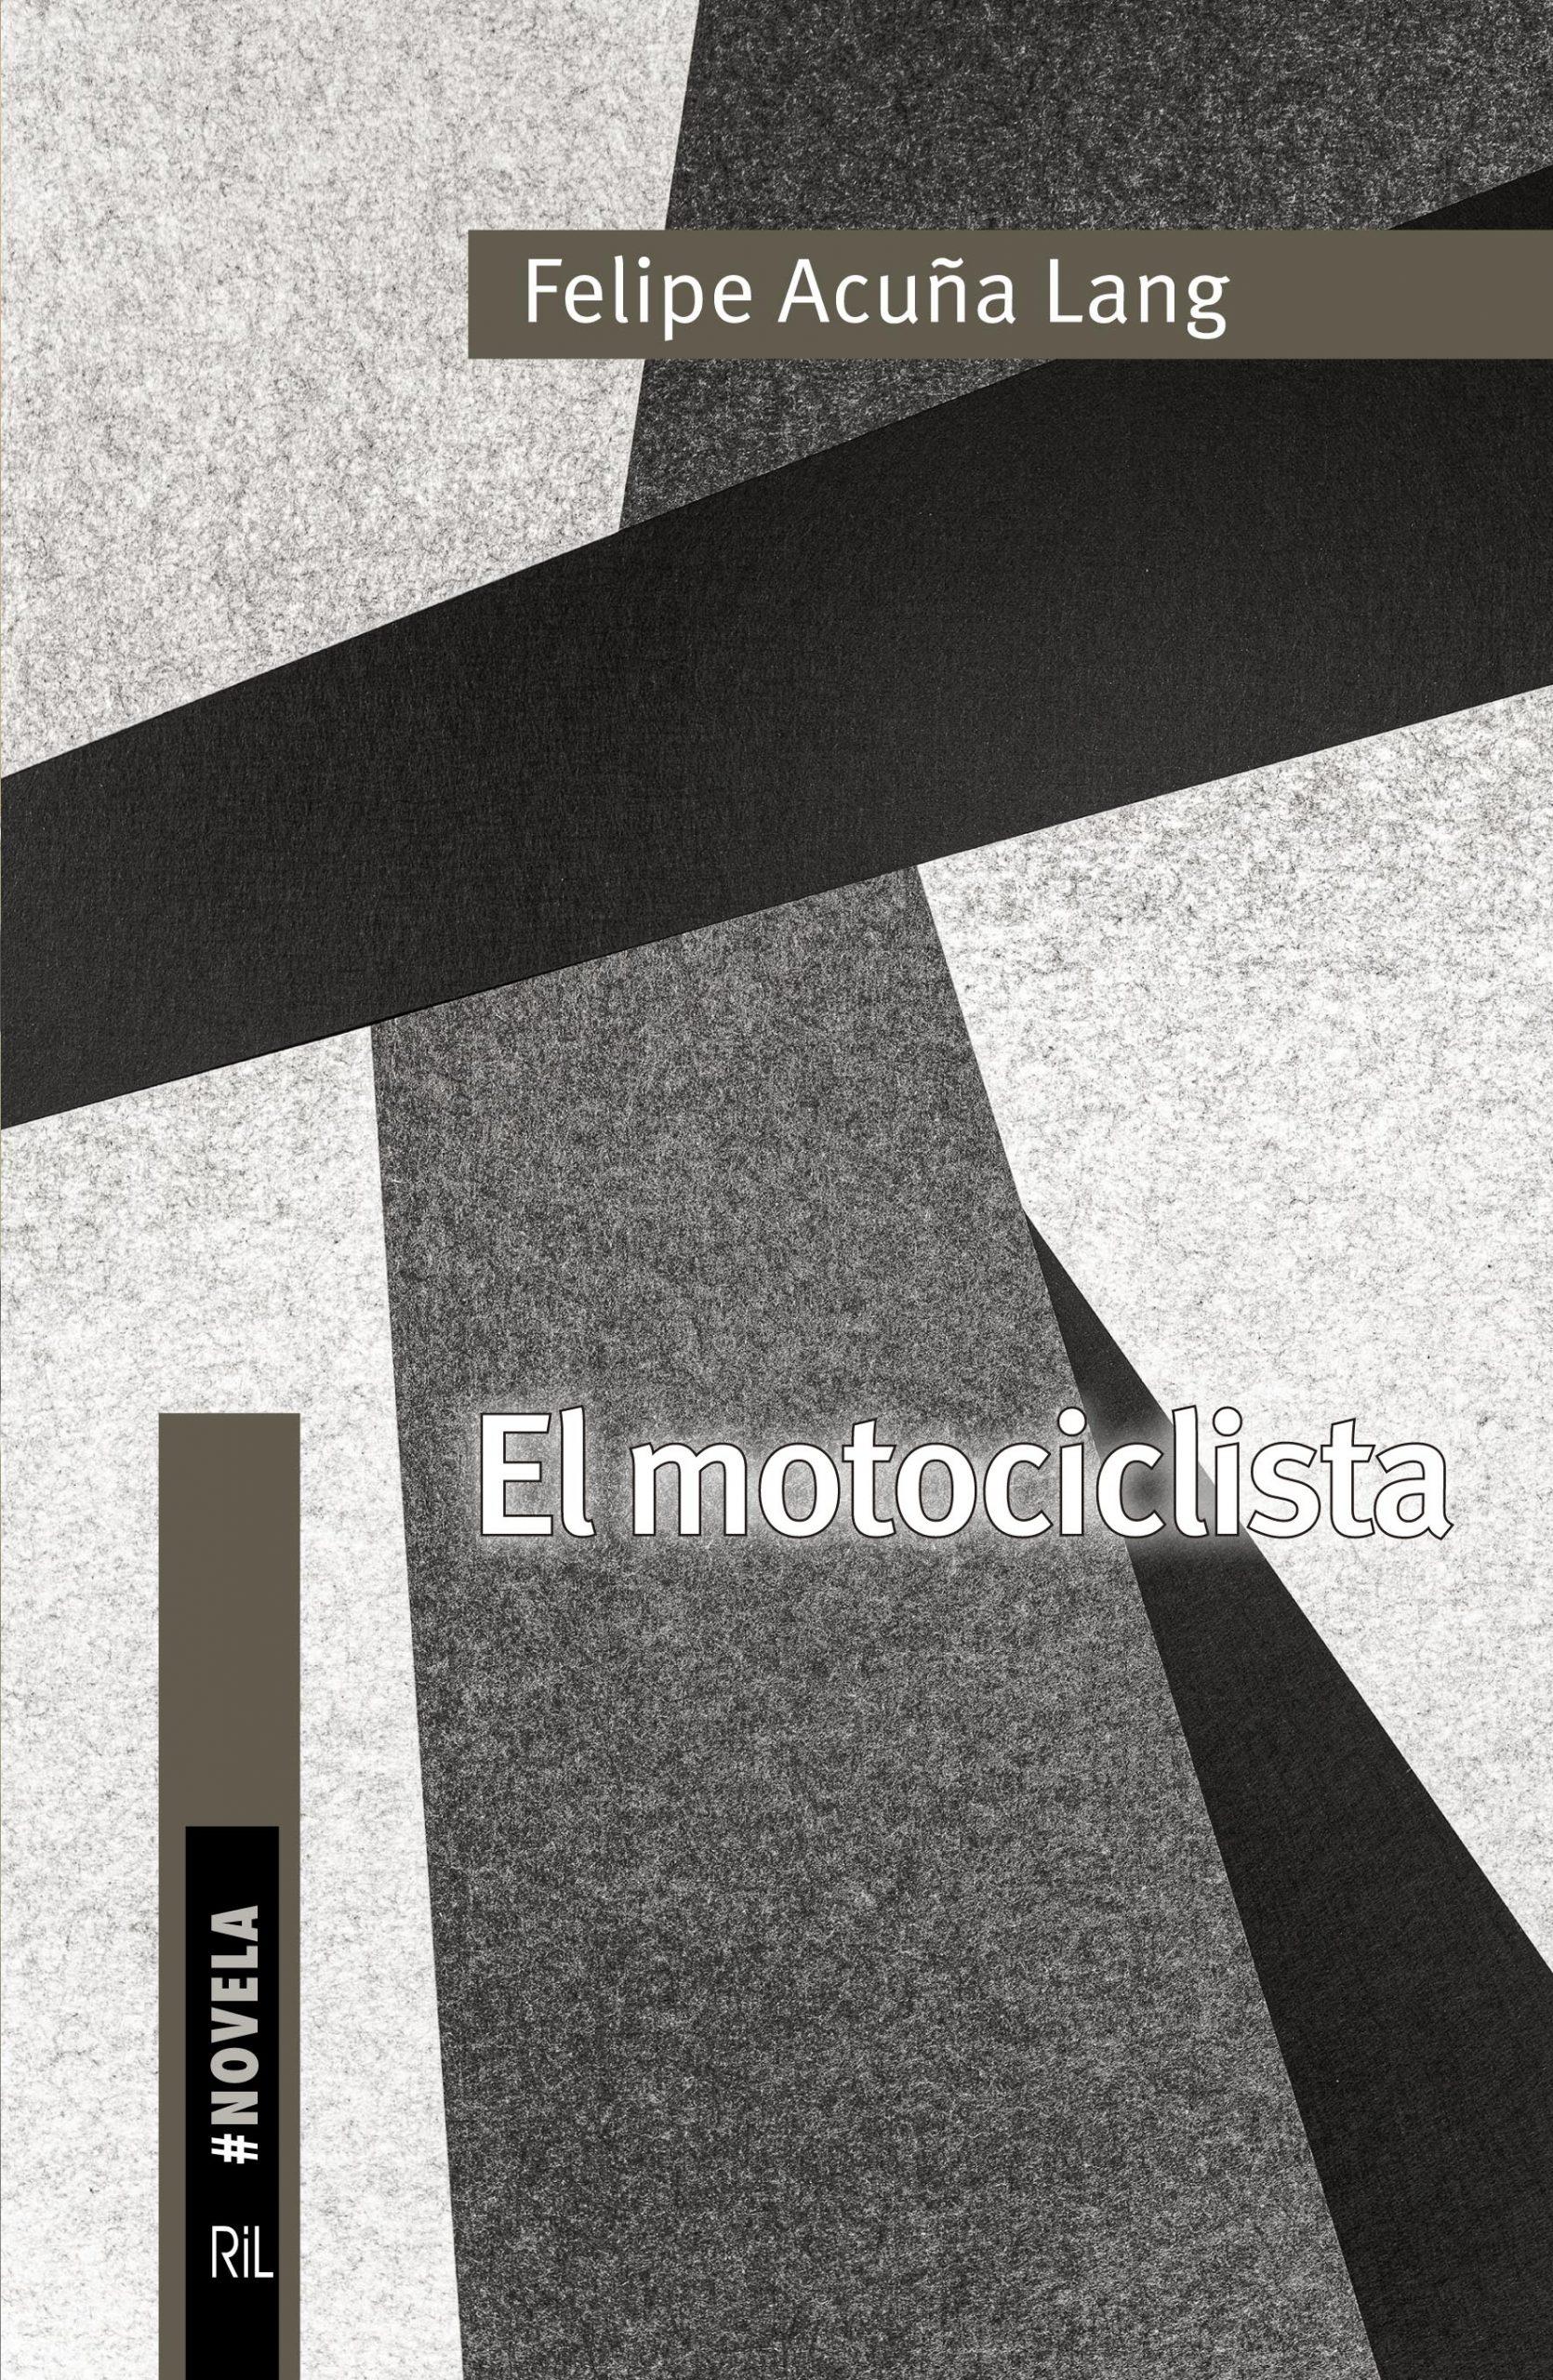 El motociclista 1